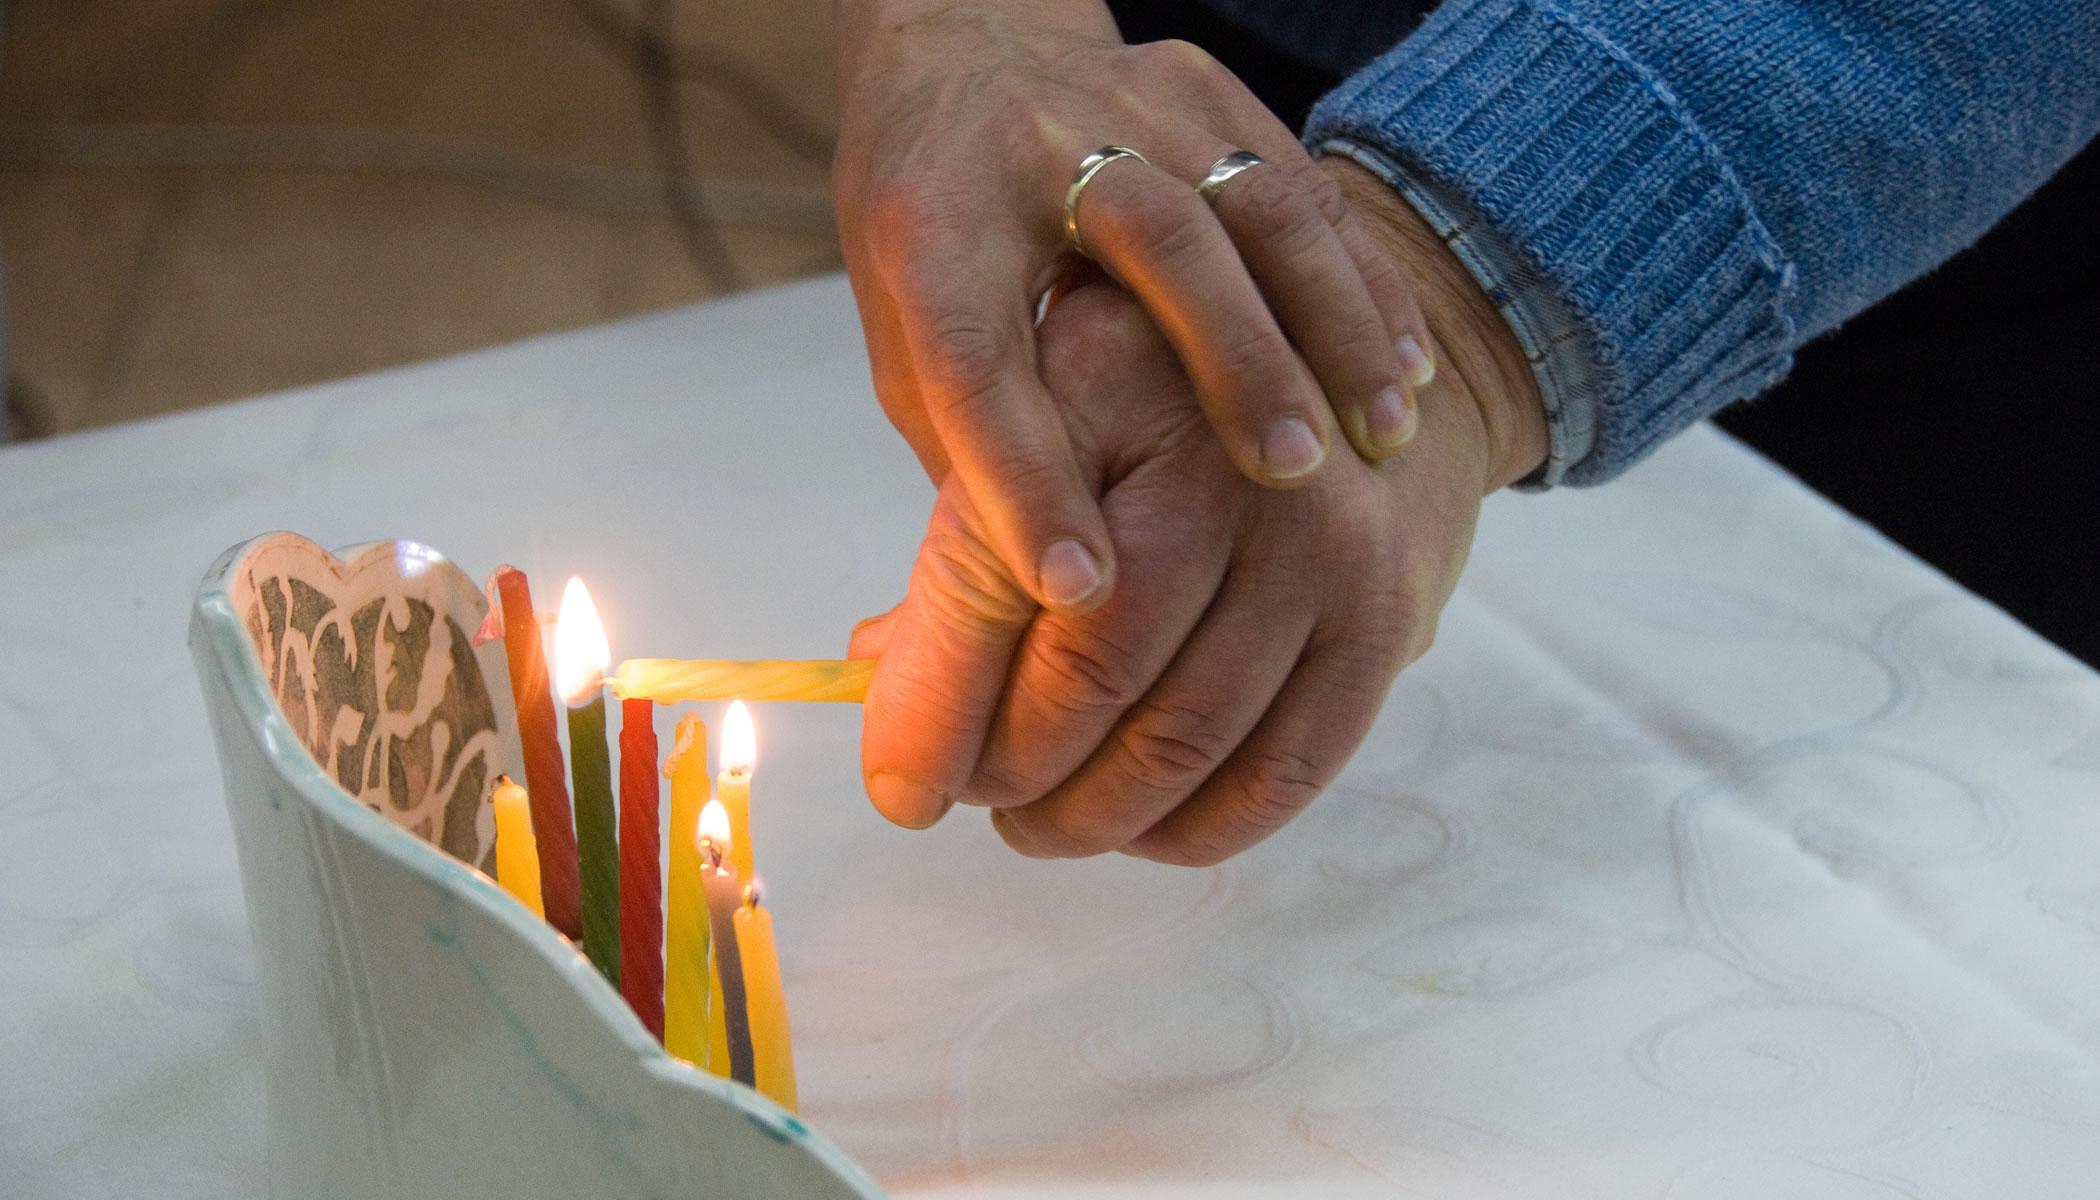 How A Holocaust Survivor Incorporates Spirituality Into Her Life: A Case Study